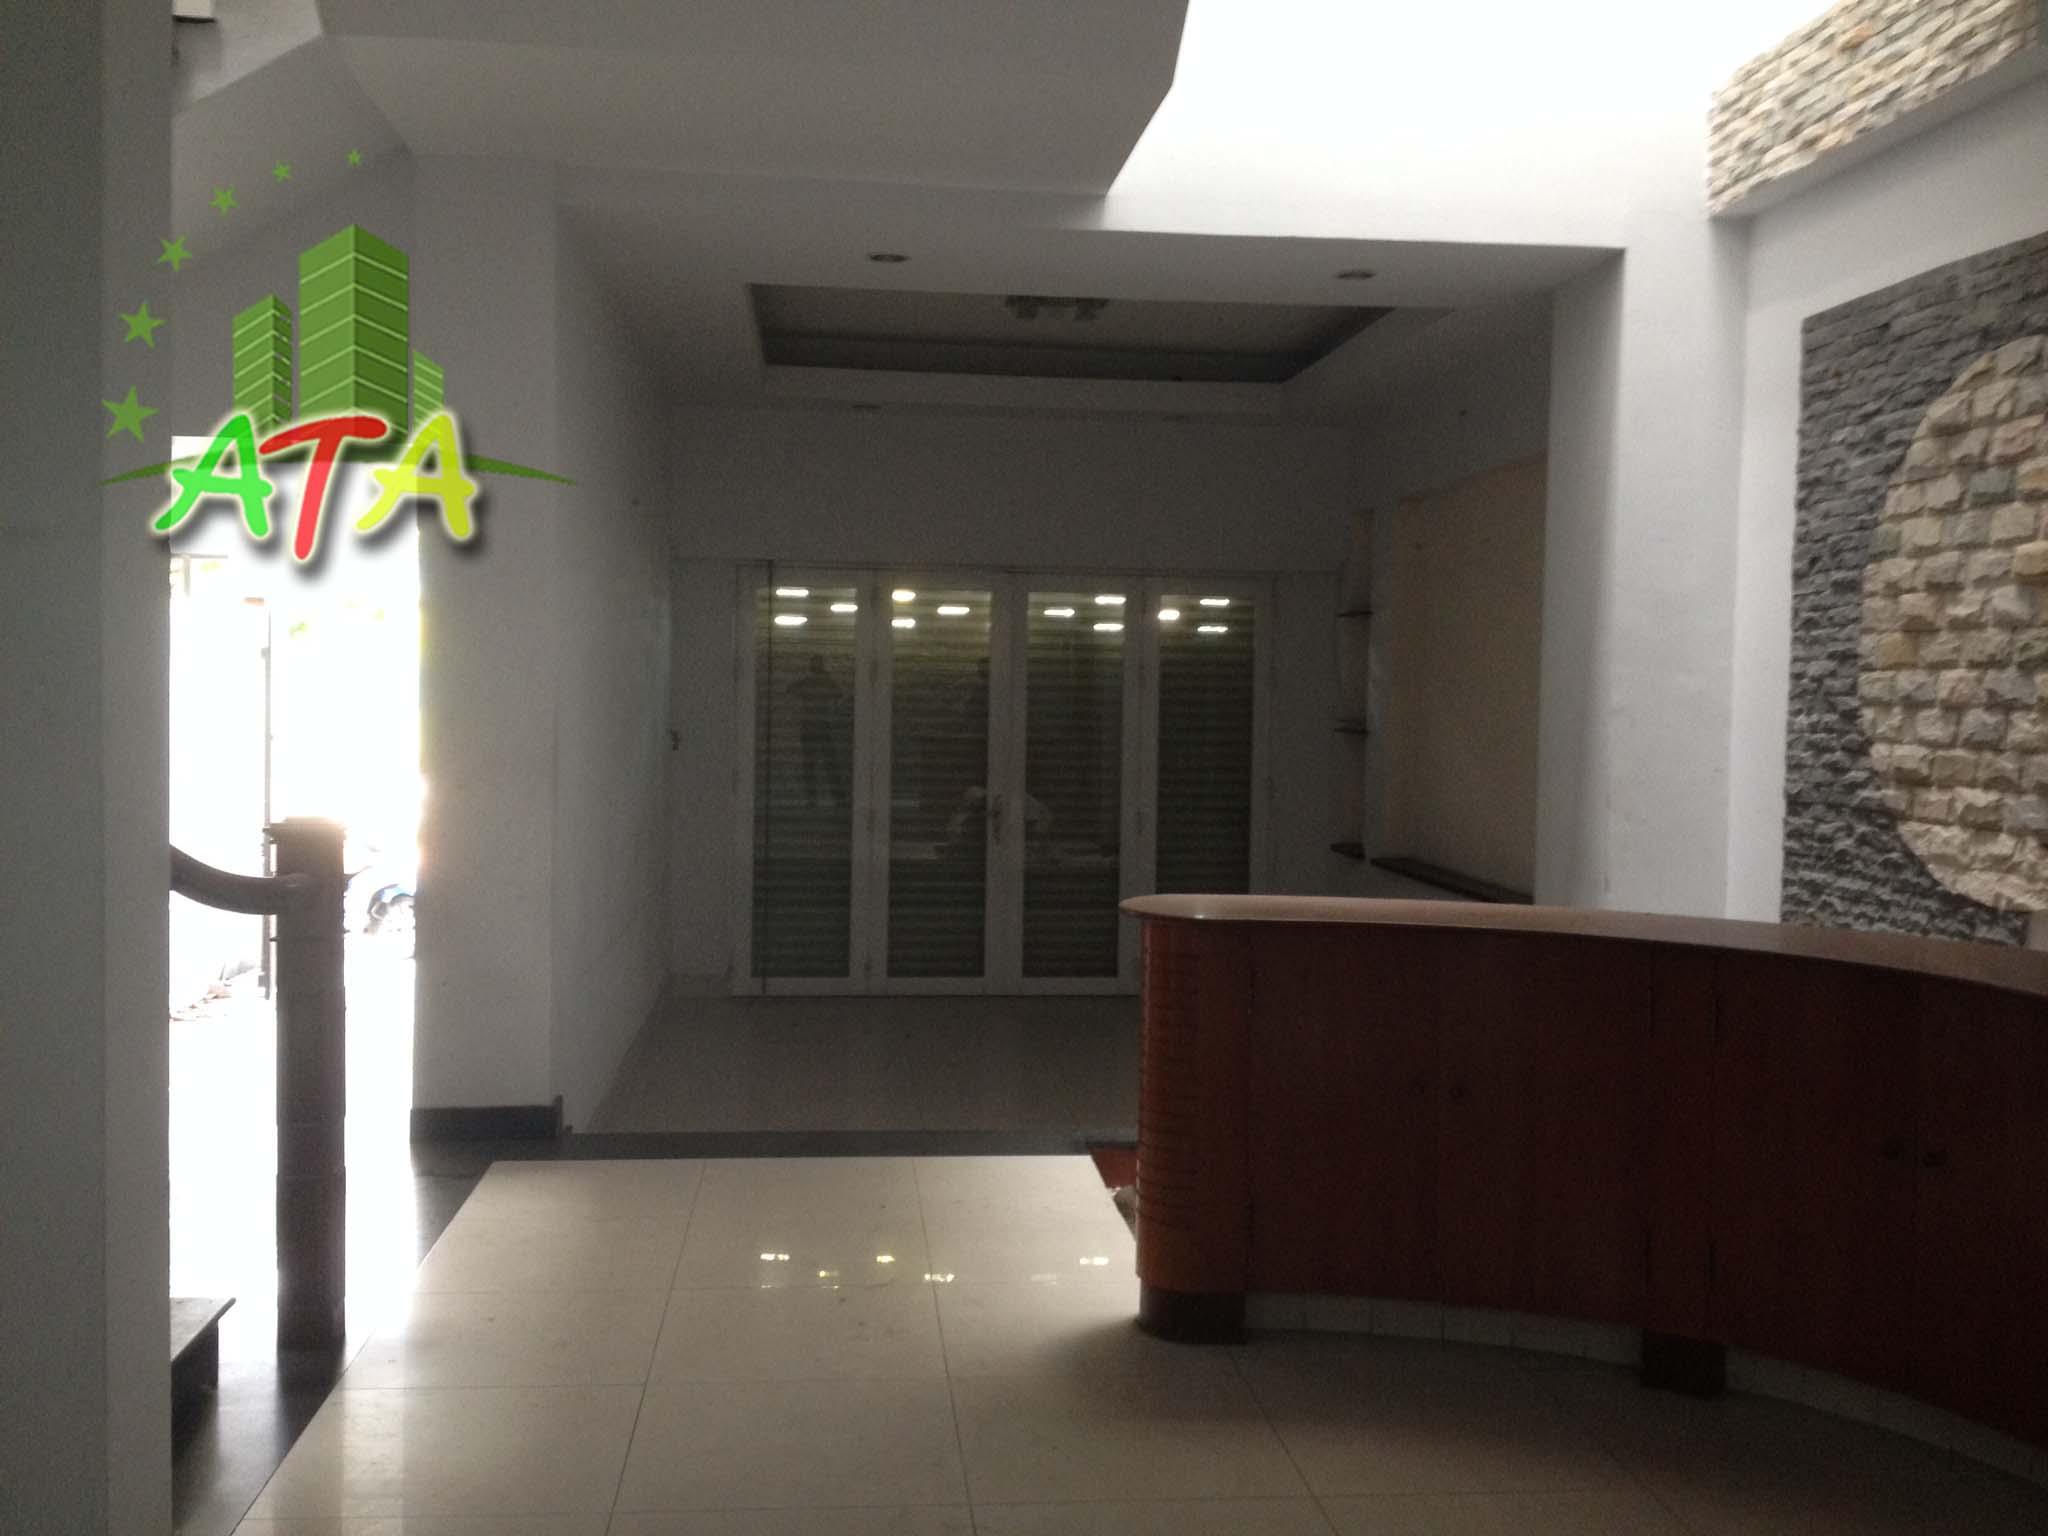 cho thuê biệt thự đường Nguyễn Thị Định, quận 2, house for rent